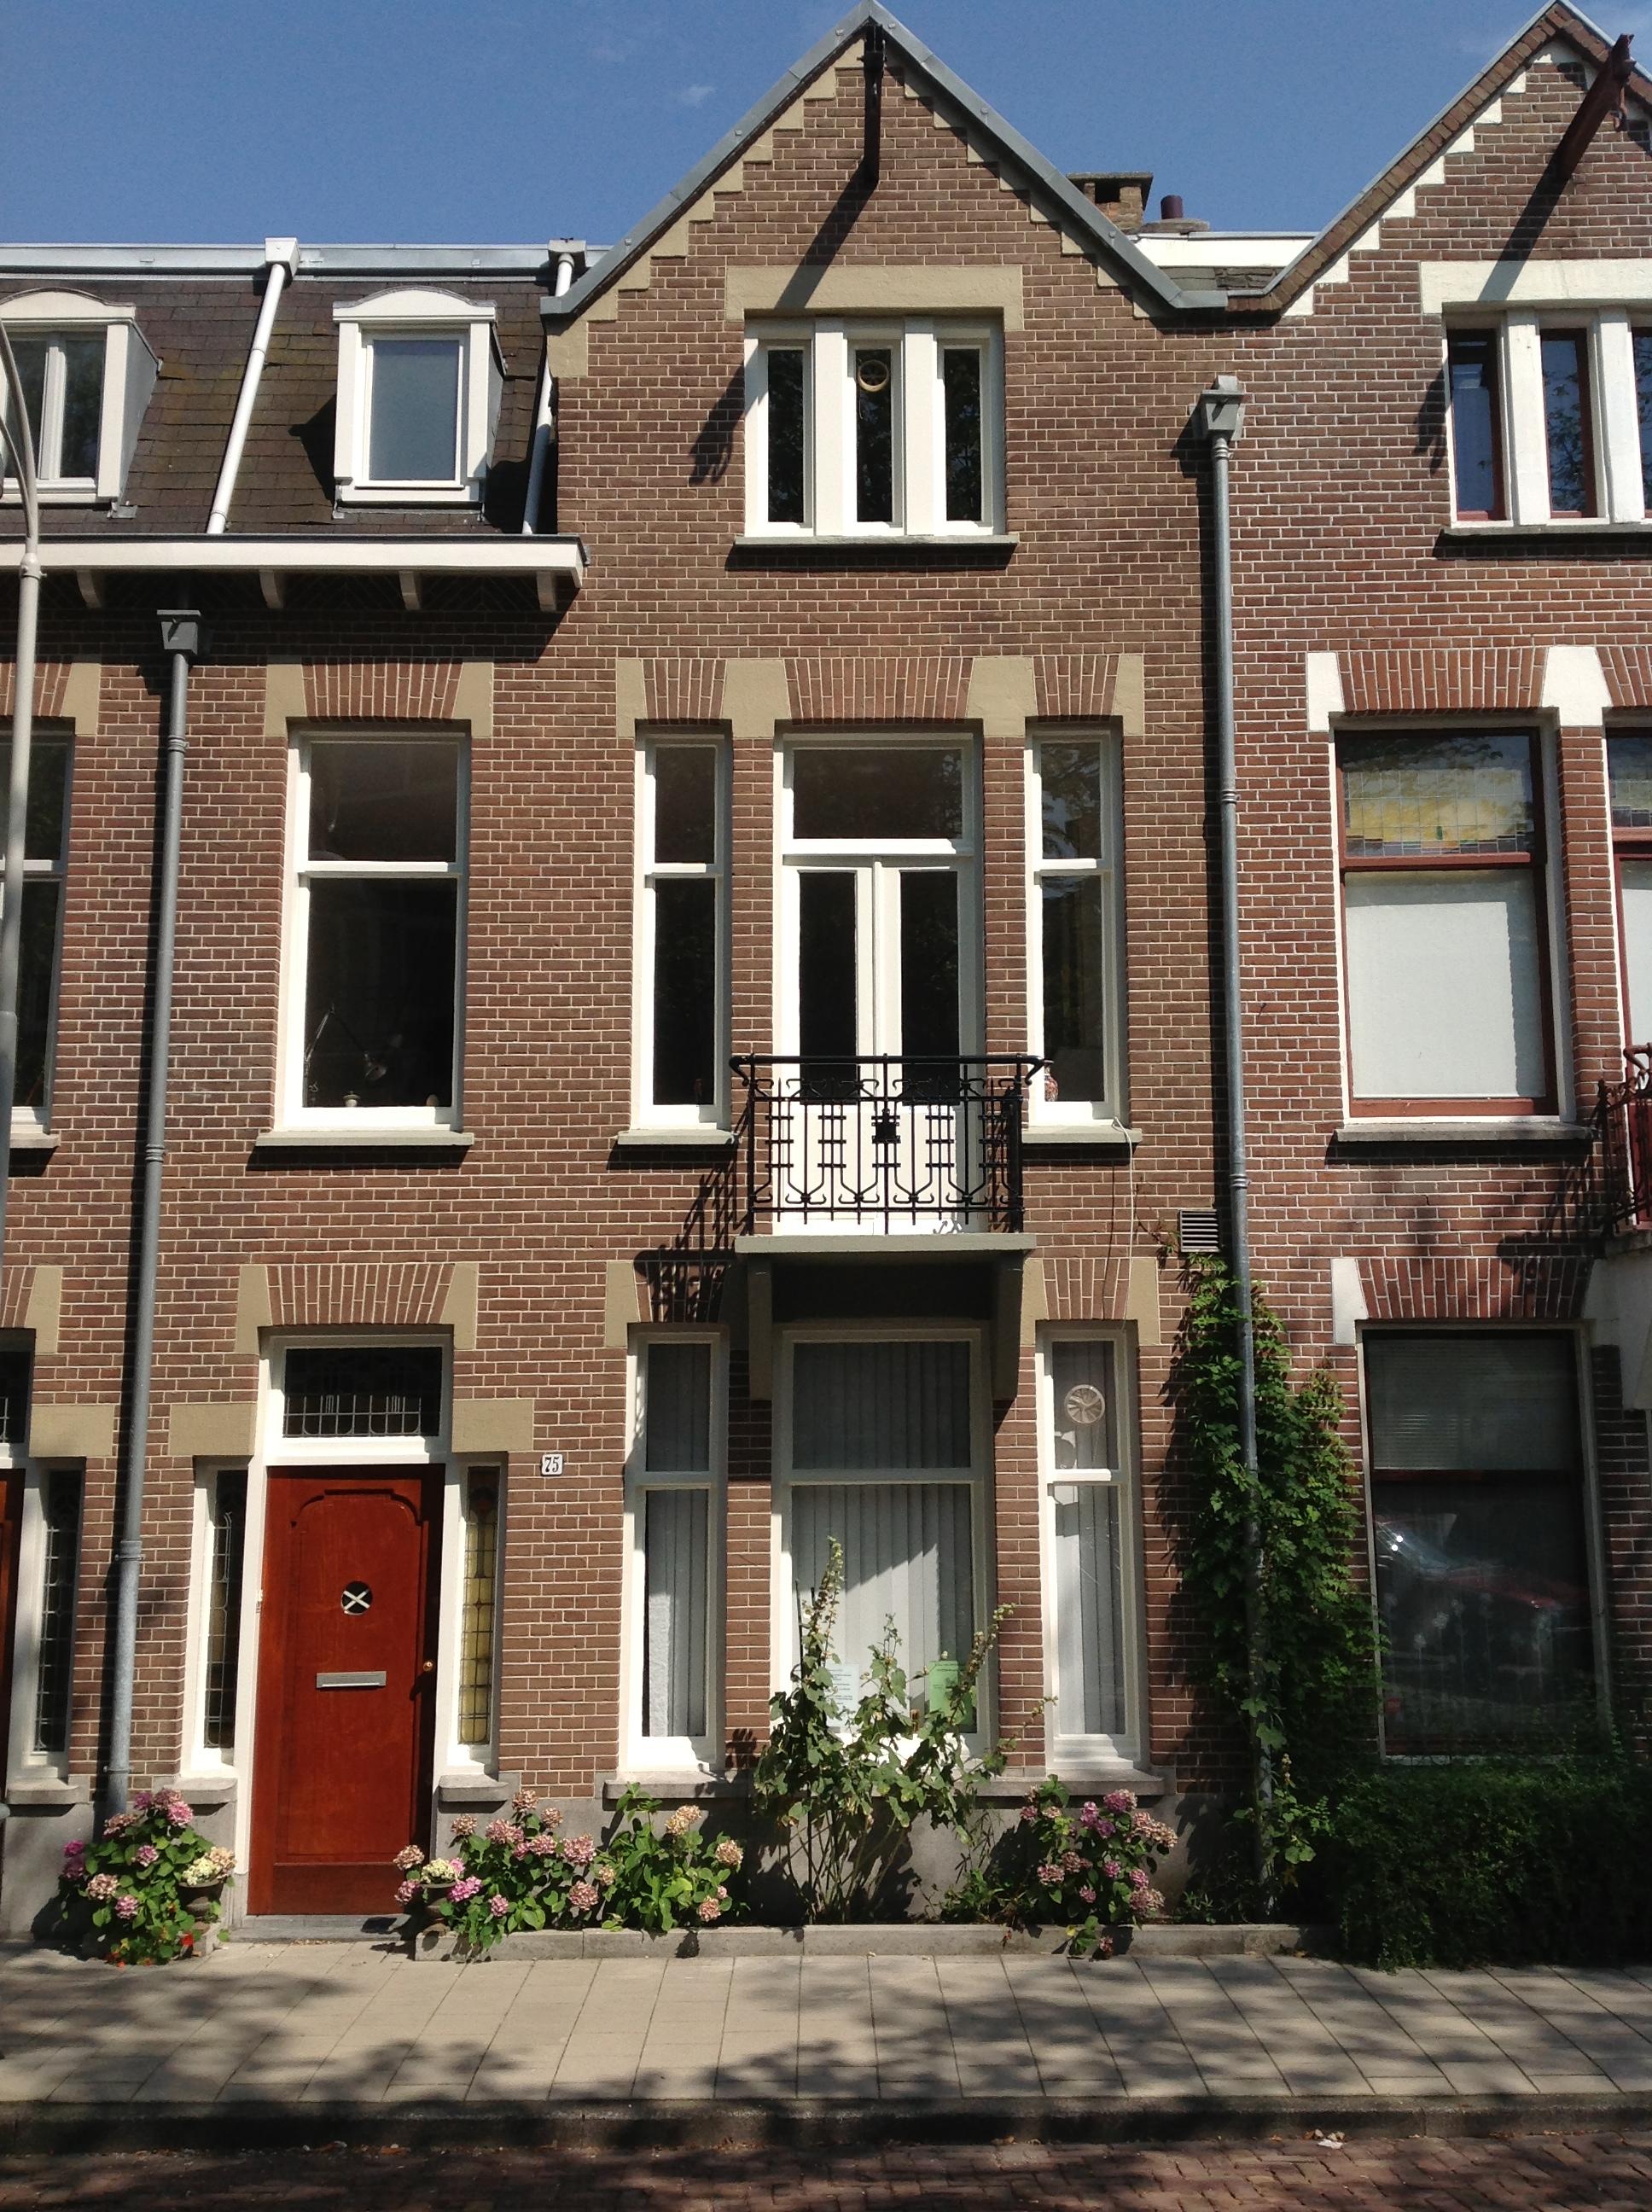 Huis in Amsterdam, voorgevel, na het schilderen